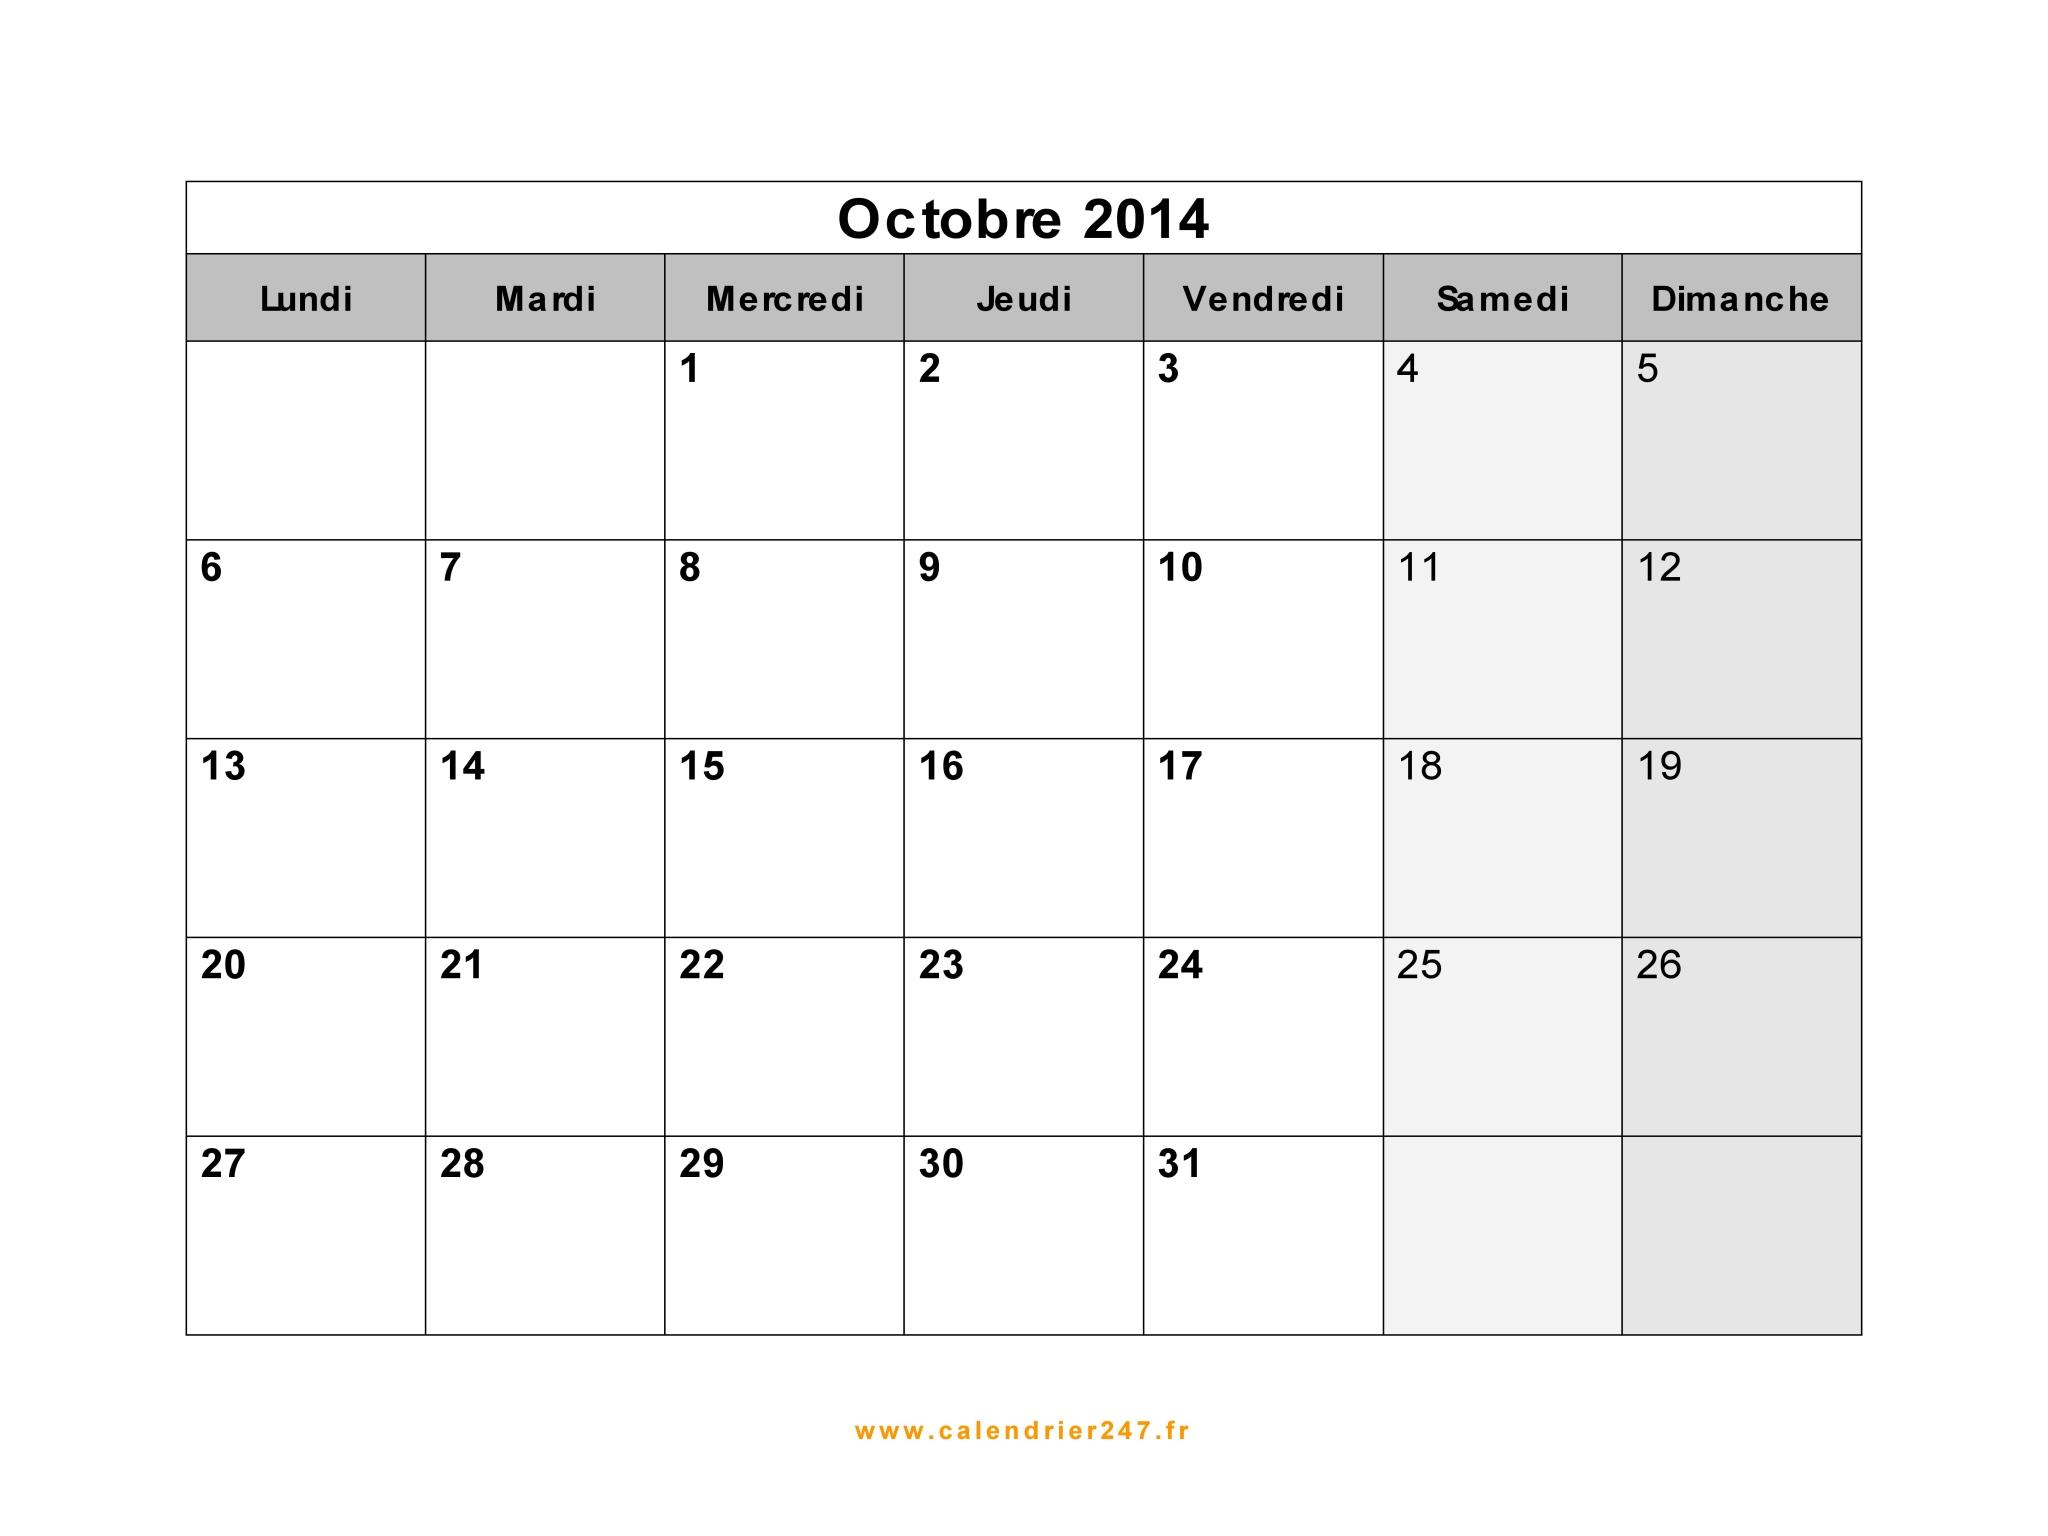 Calendrier octobre 2014 imprimer gratuit en pdf et excel - Calendrier lune octobre 2017 ...